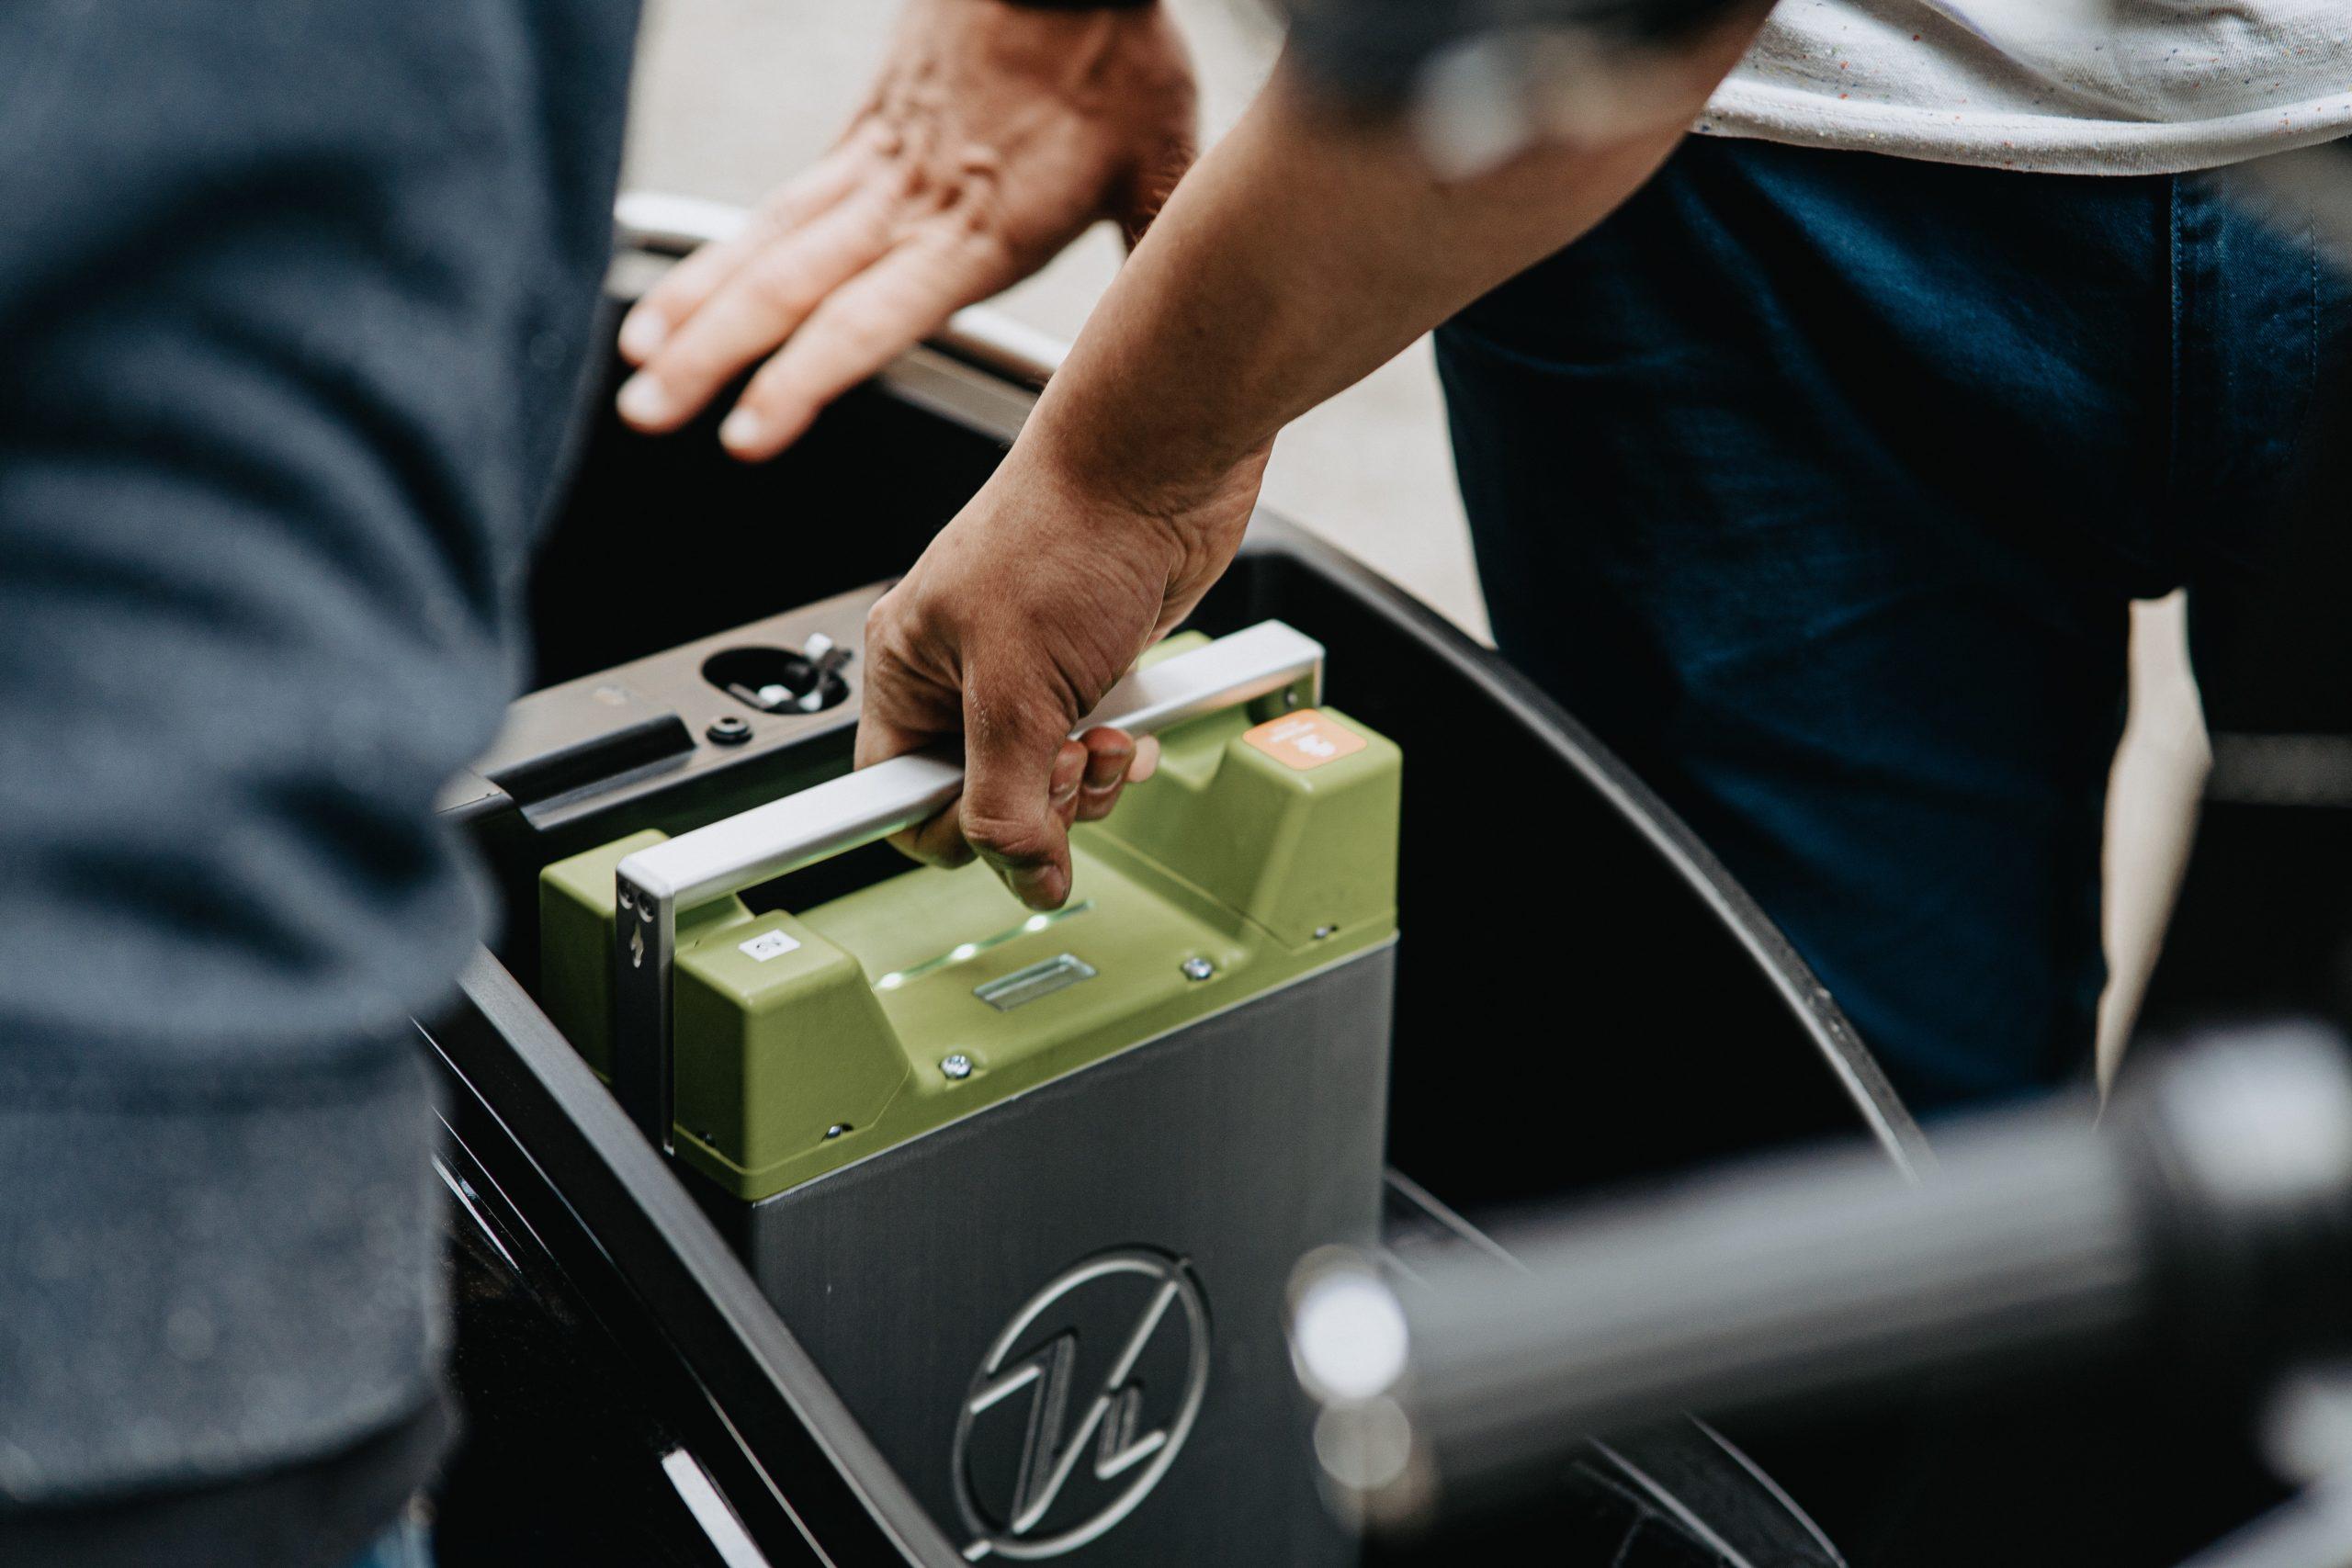 Batterie wird in eine Elektro Auto eingesetzt